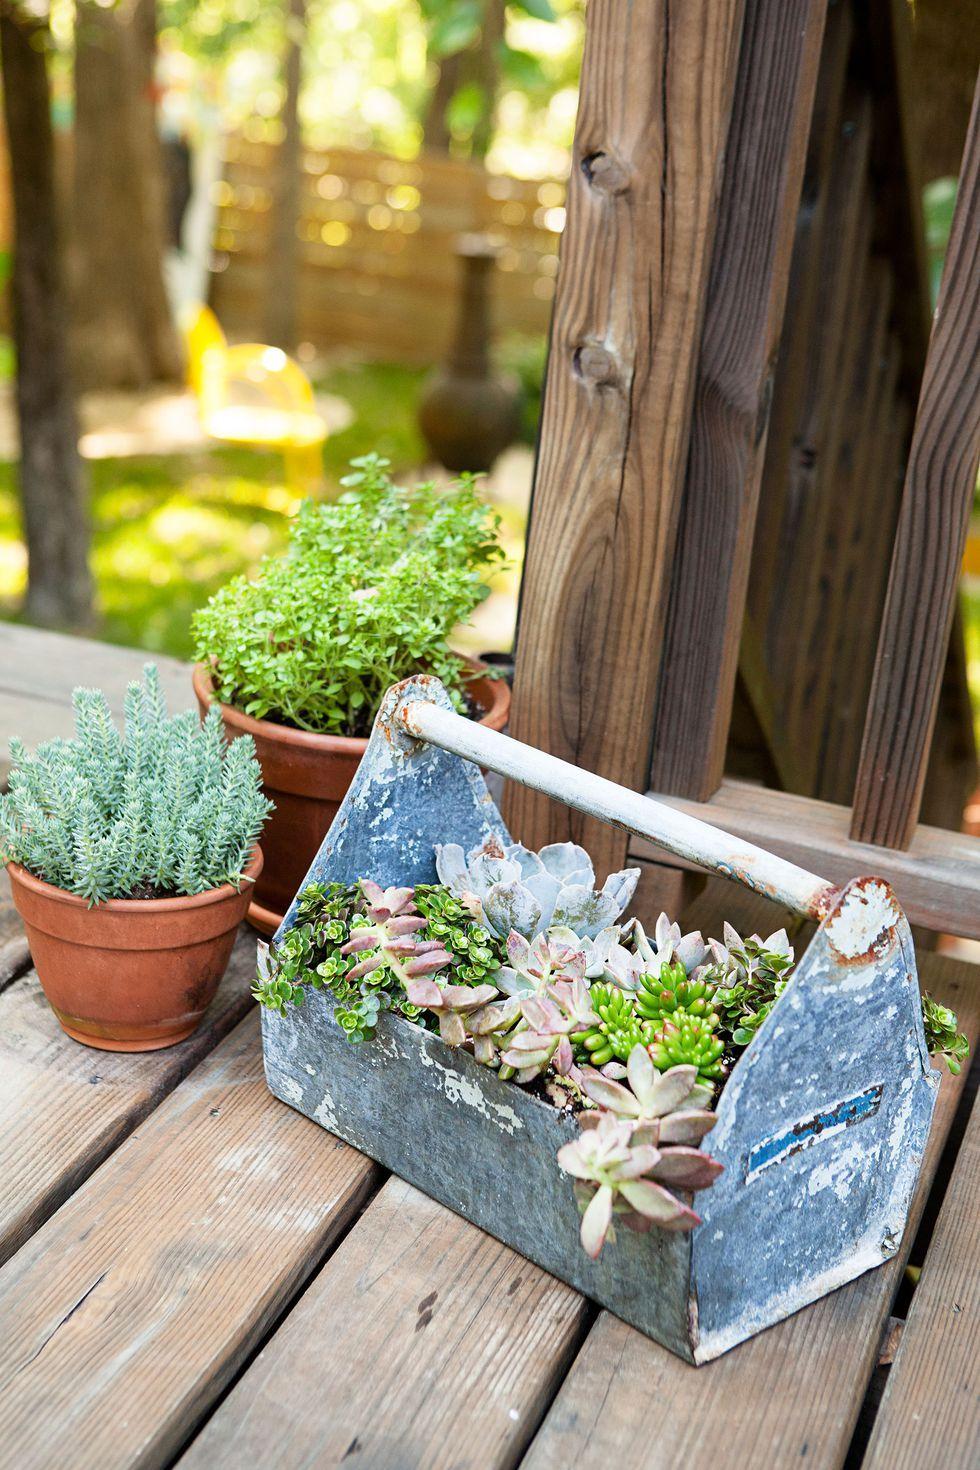 25725207b8b15886d8d675c6e7544e9e - What Type Plants Are Suitable For Micro Gardening